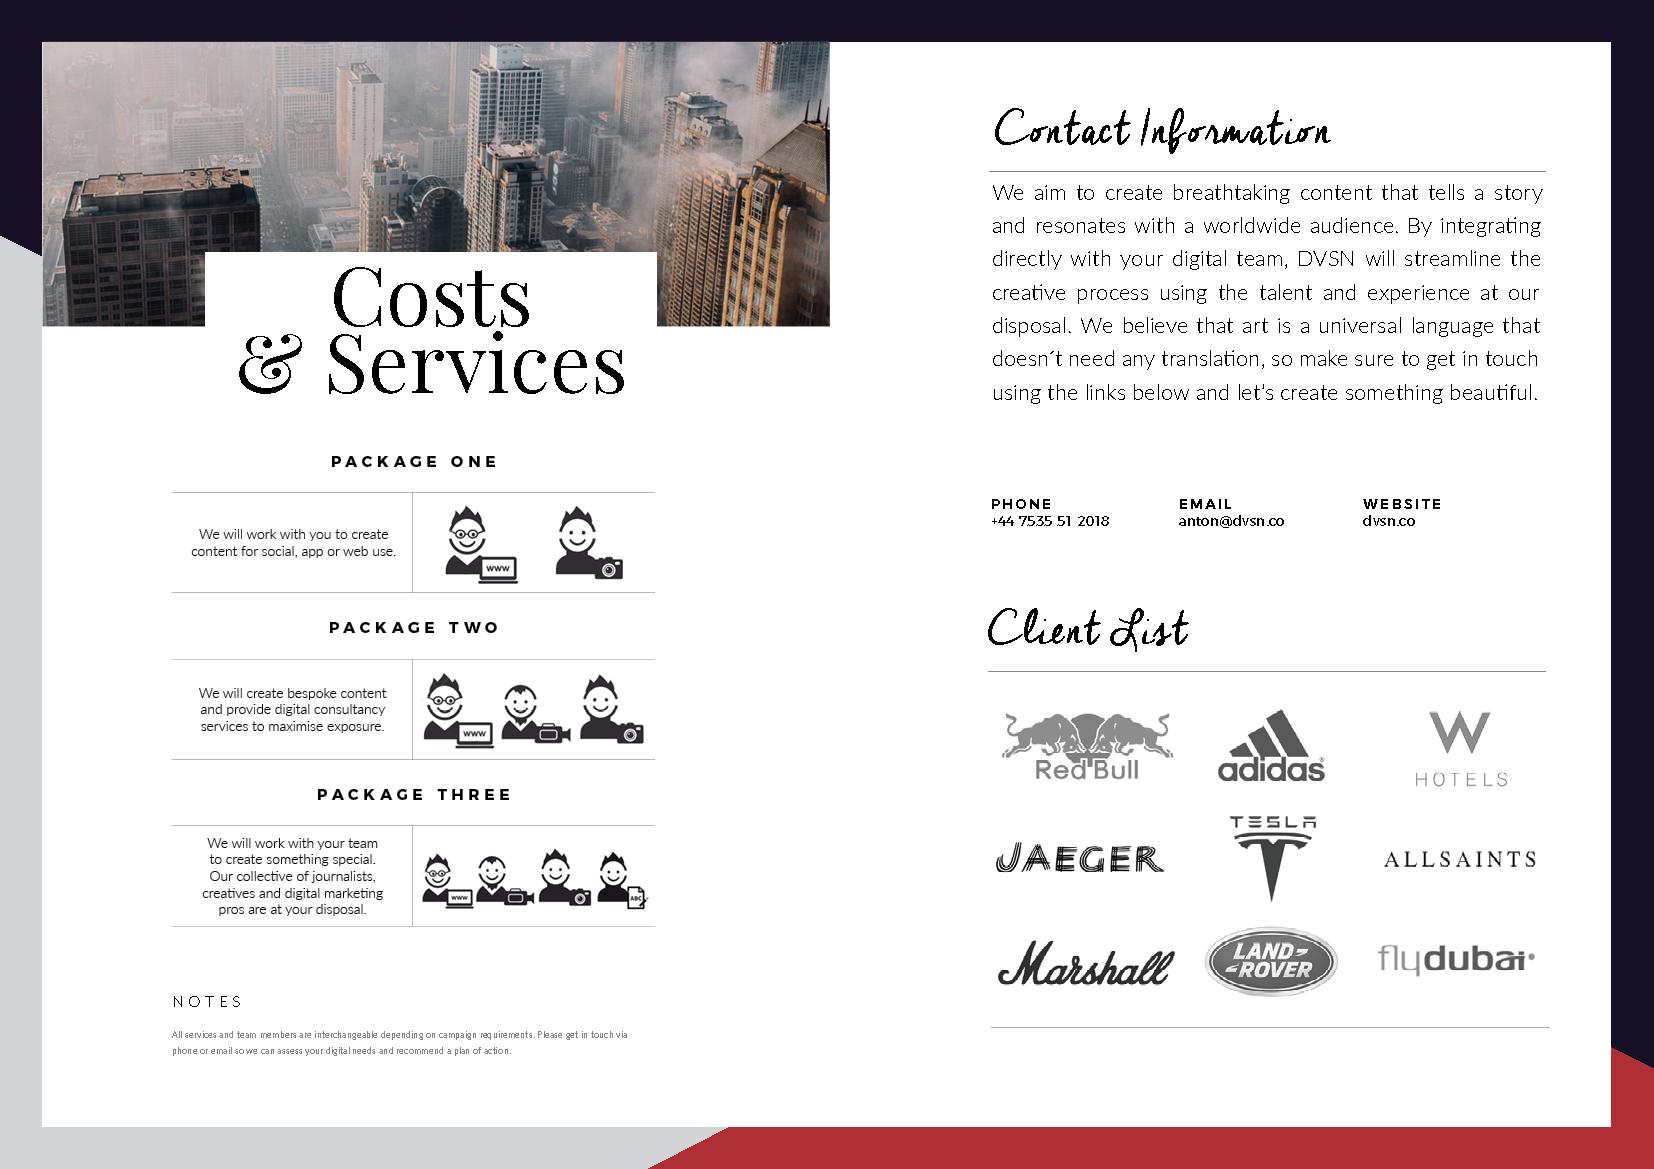 DVSN Collective Services